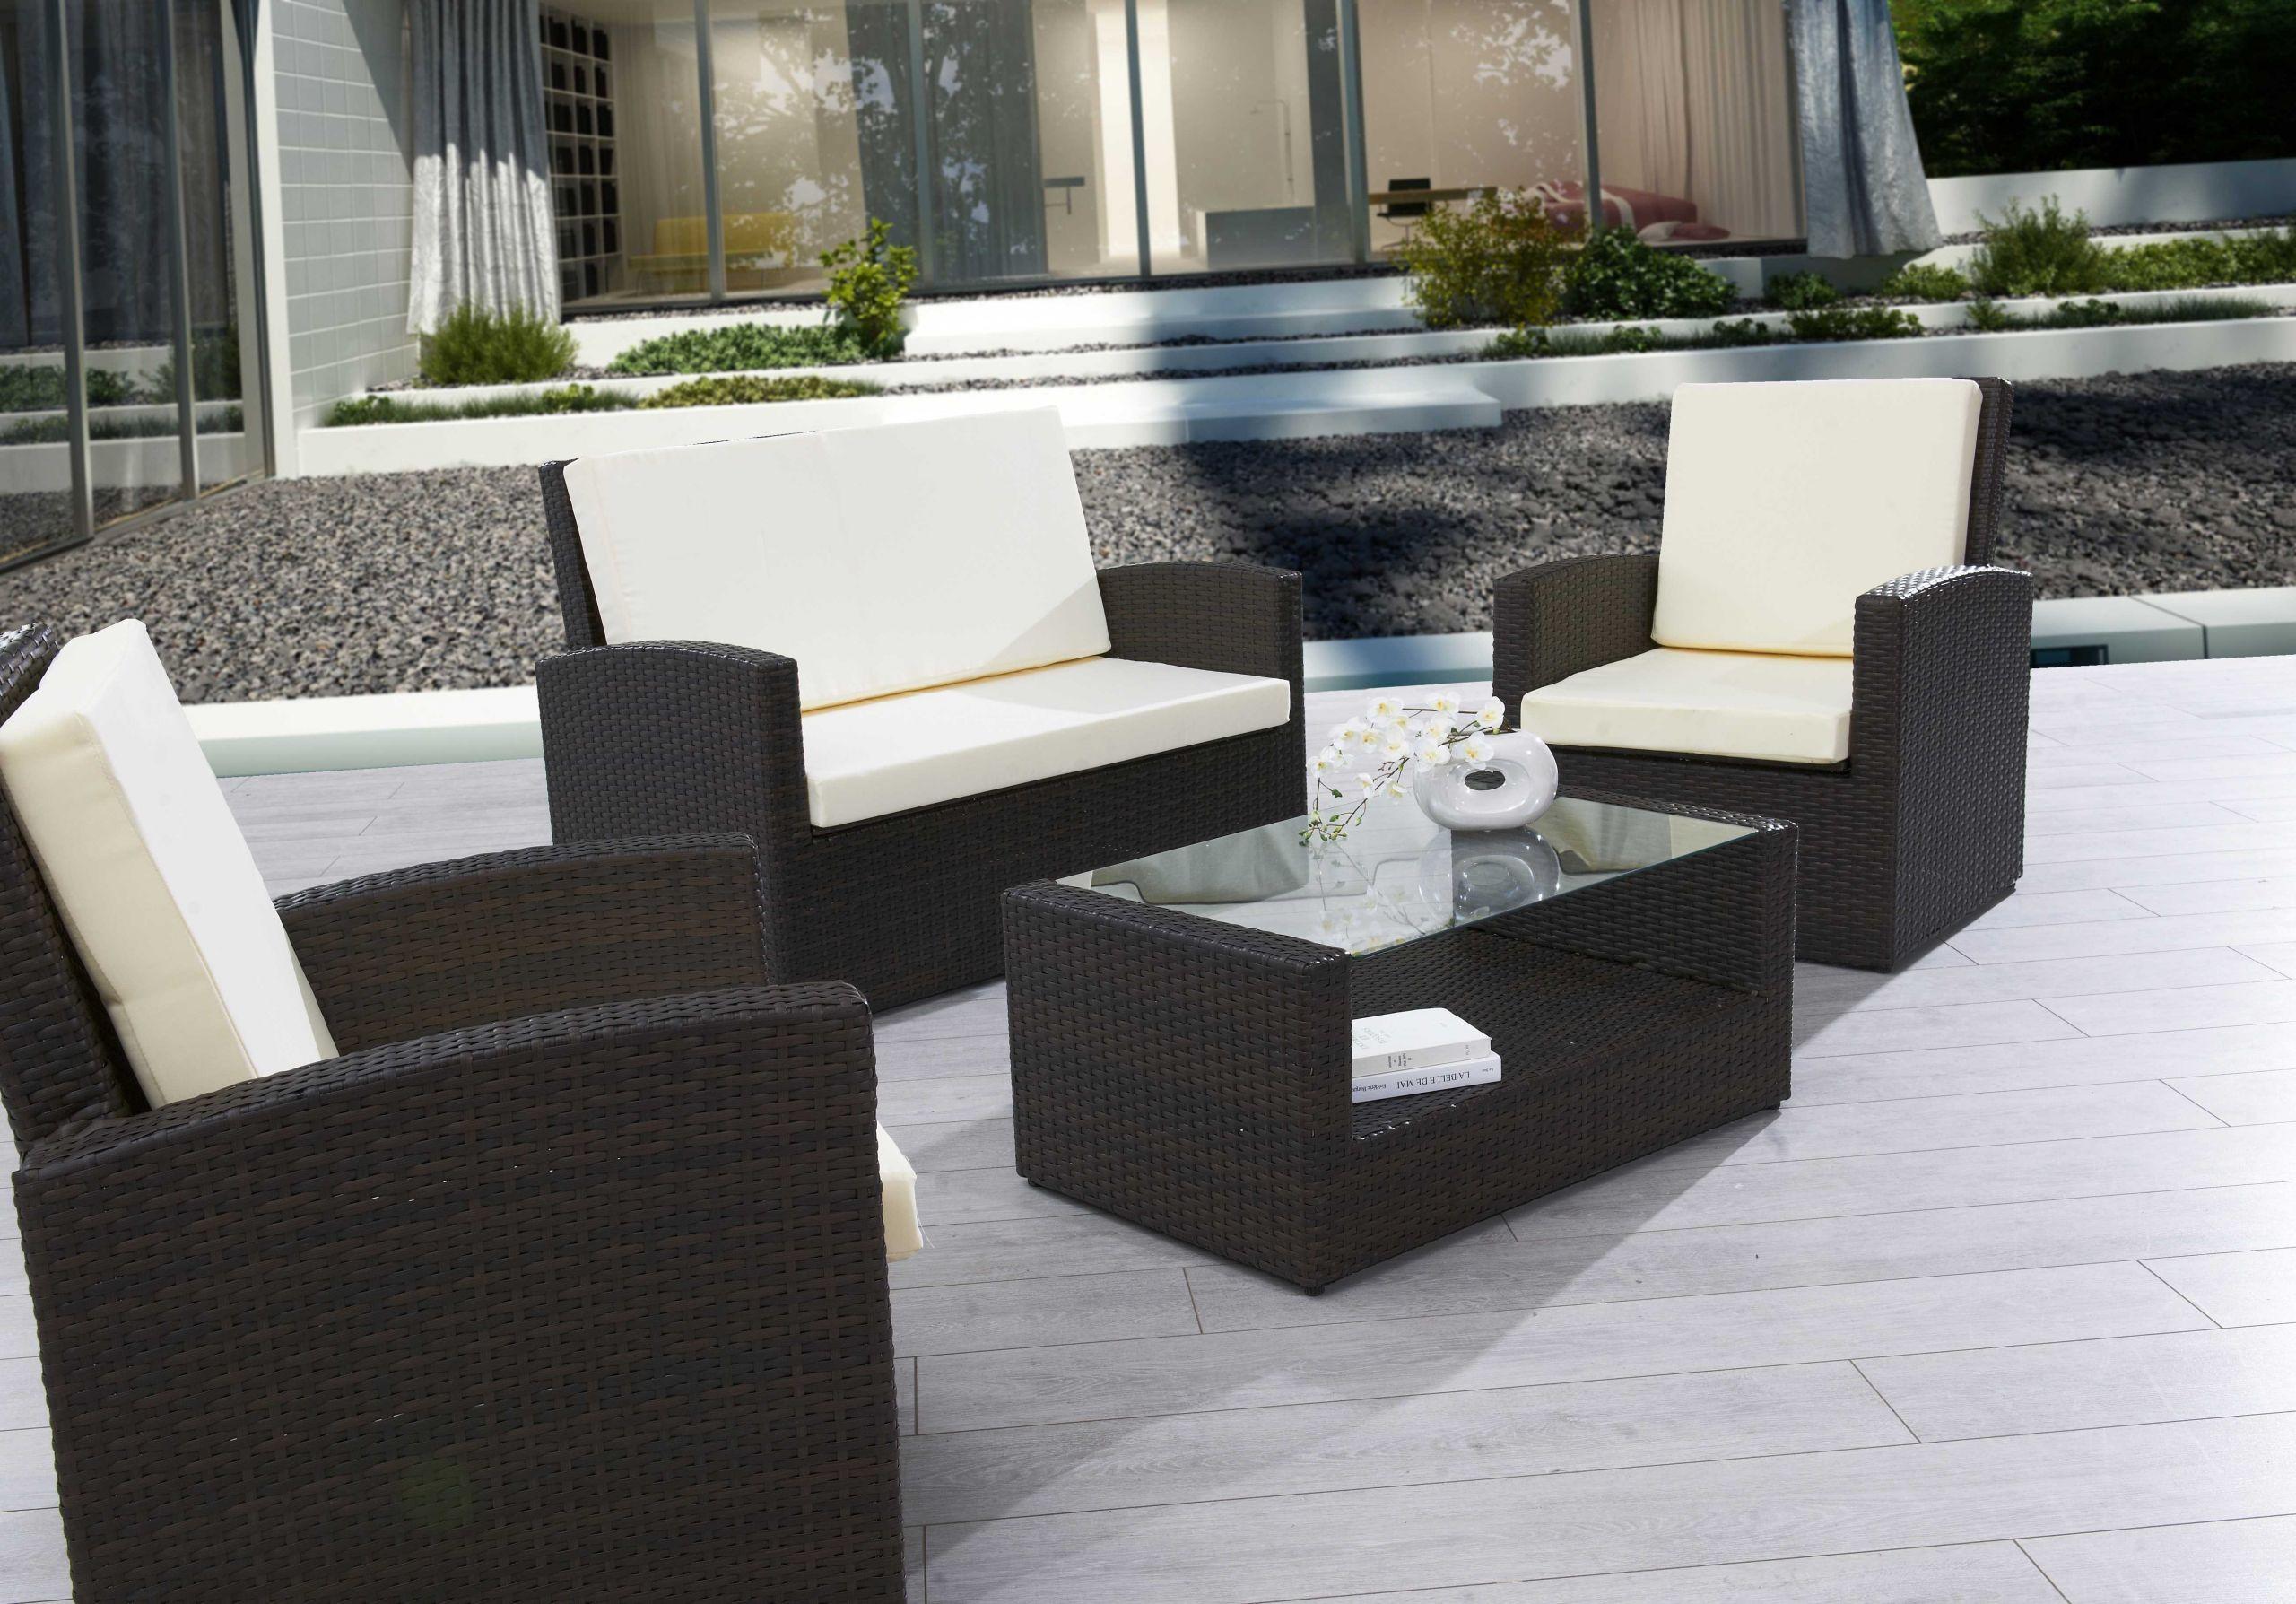 24 Luxe Salon De Jardin Pour Balcon   Salon Jardin destiné Salon De Jardin Design Luxe